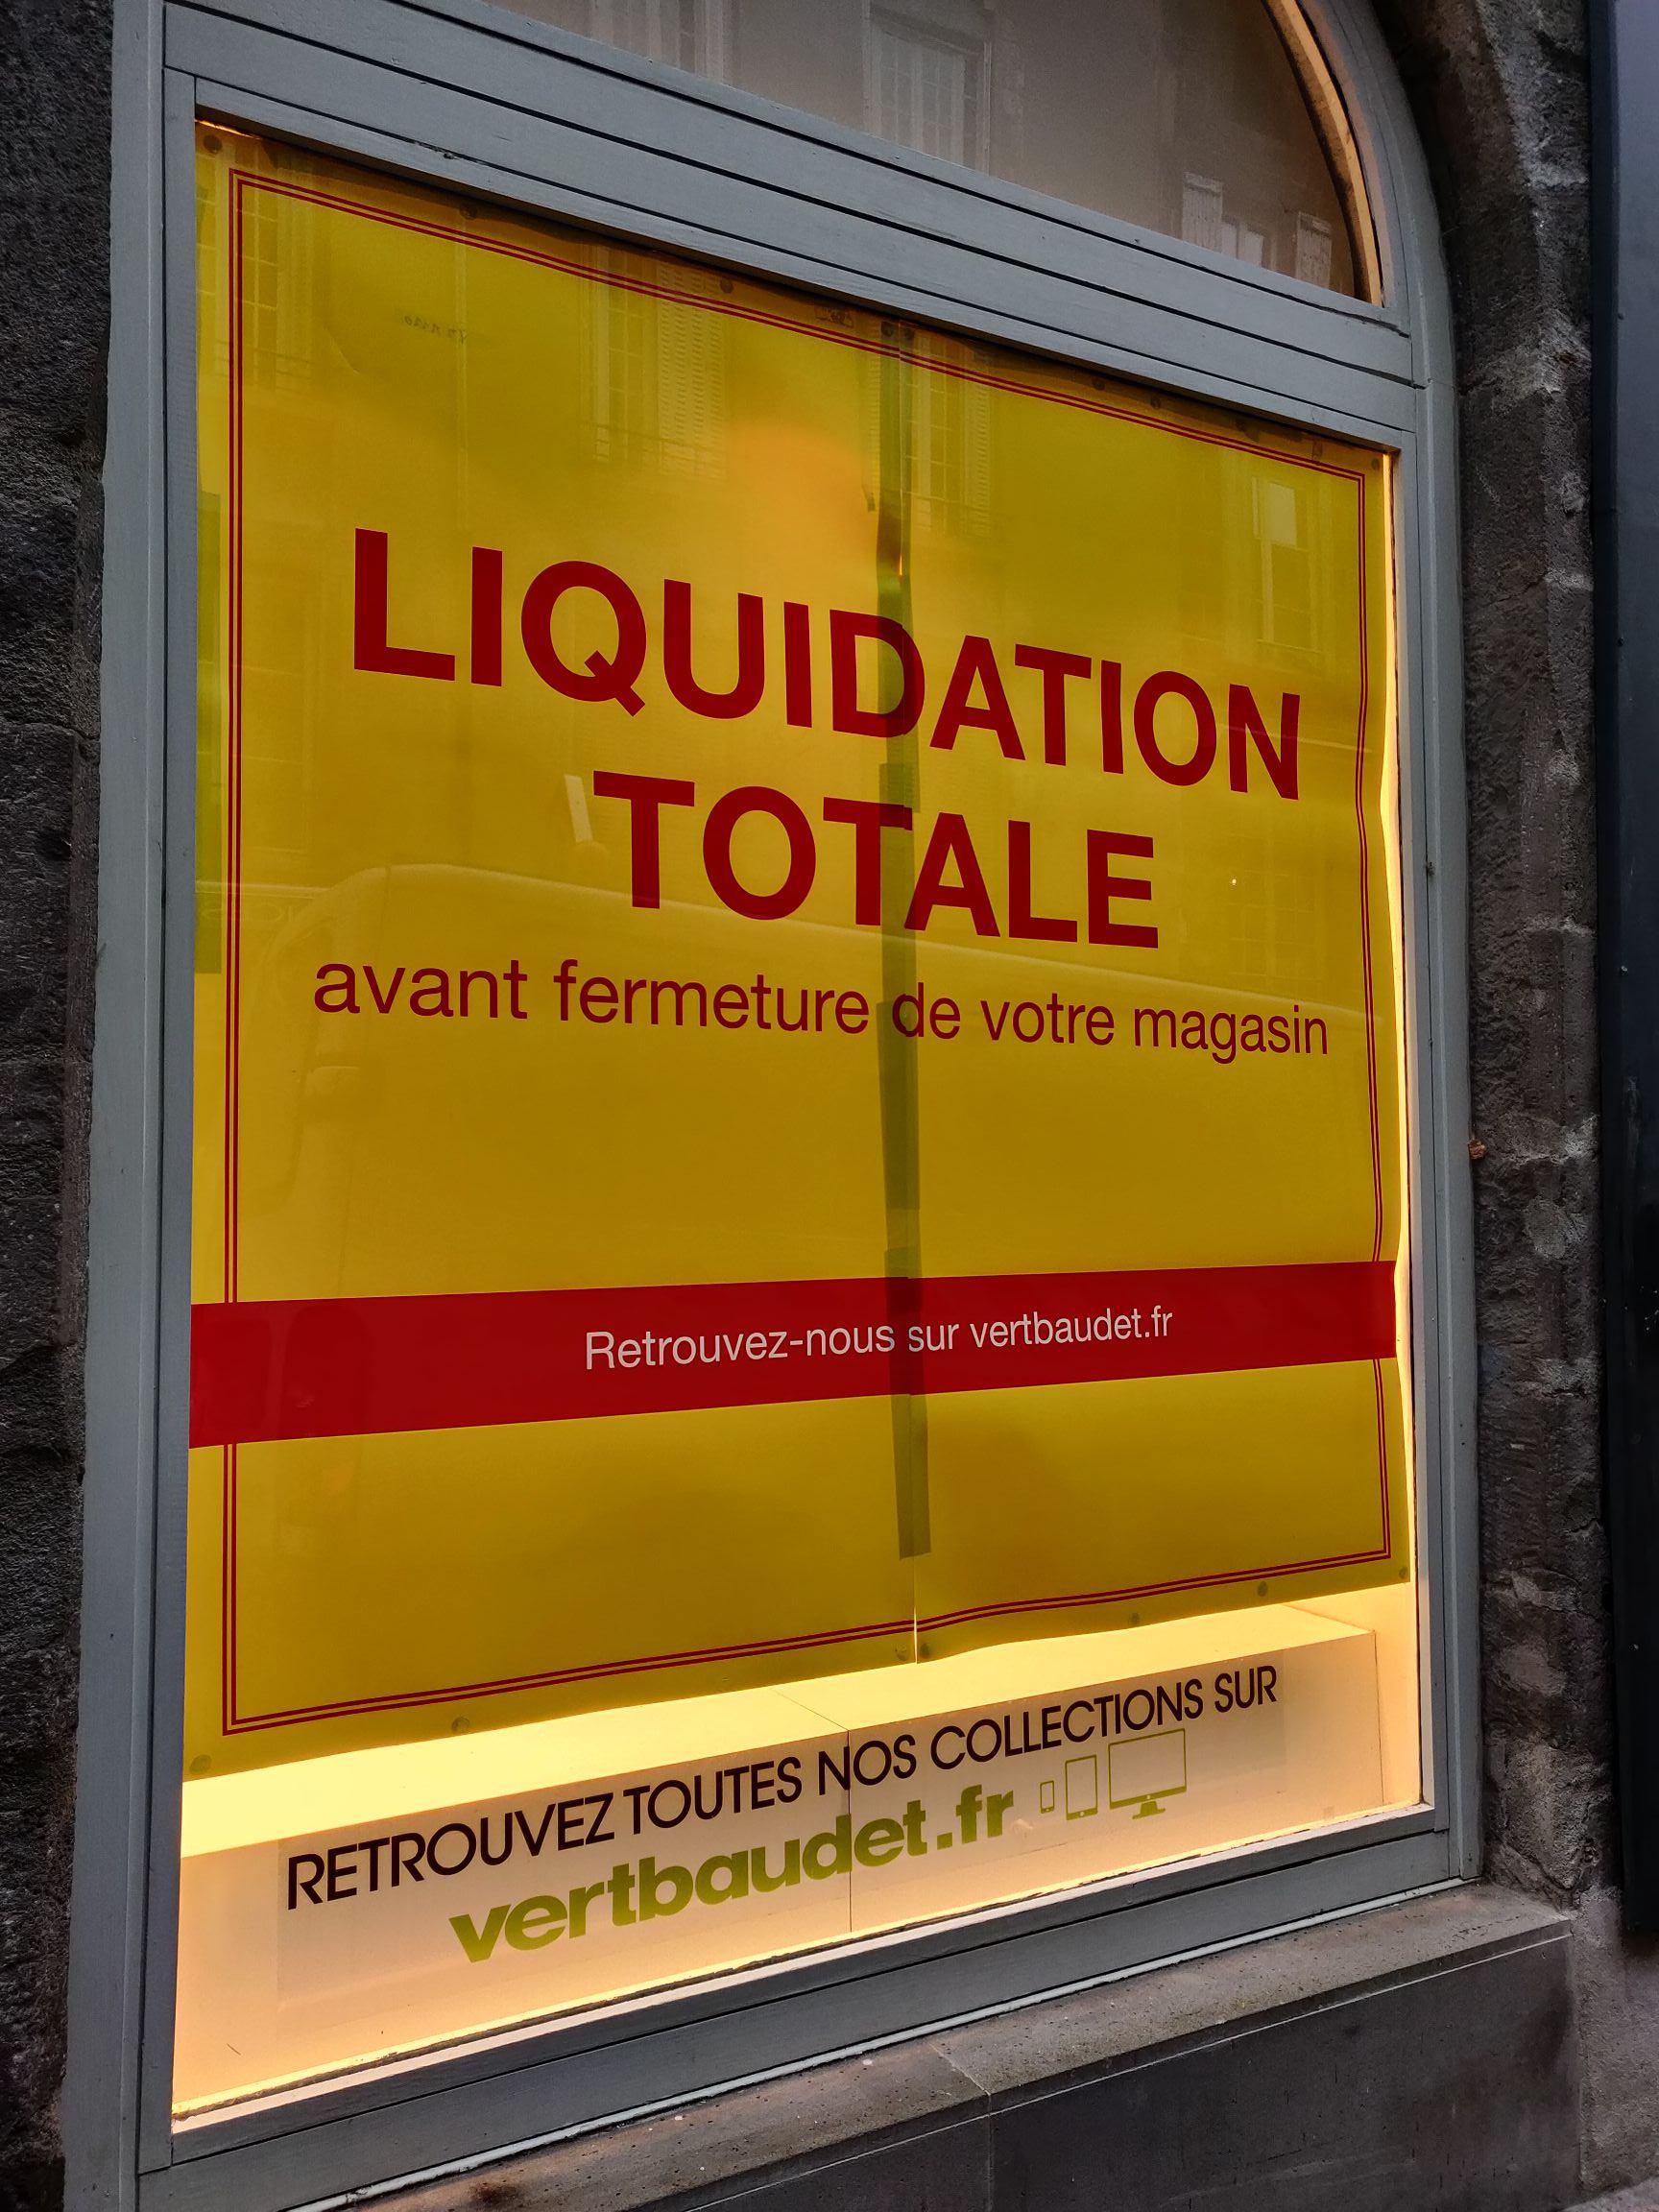 Sélection d'articles en promotion (liquidation avant fermeture définitive) - Clermont-Ferrand (63)